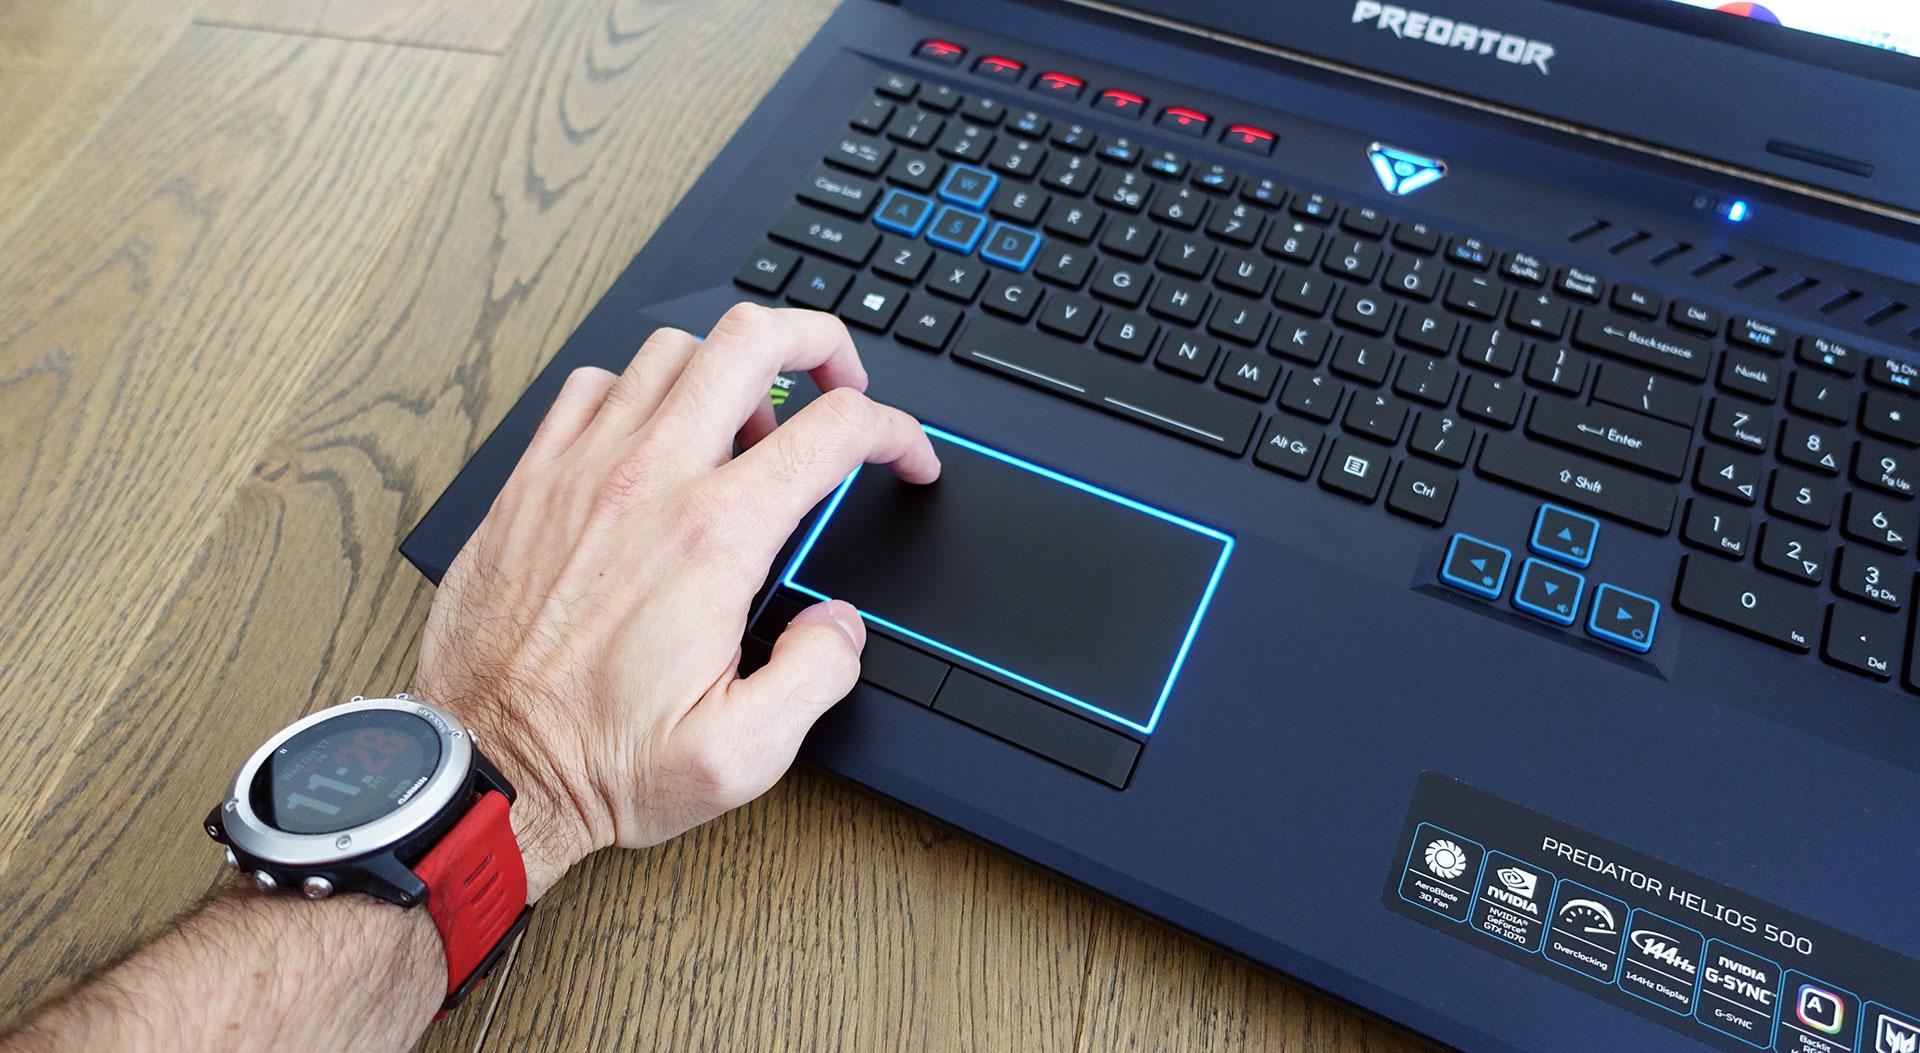 Acer Predator Helios 500 review (PH517-51 - Core i9-8950HK, GTX 1070